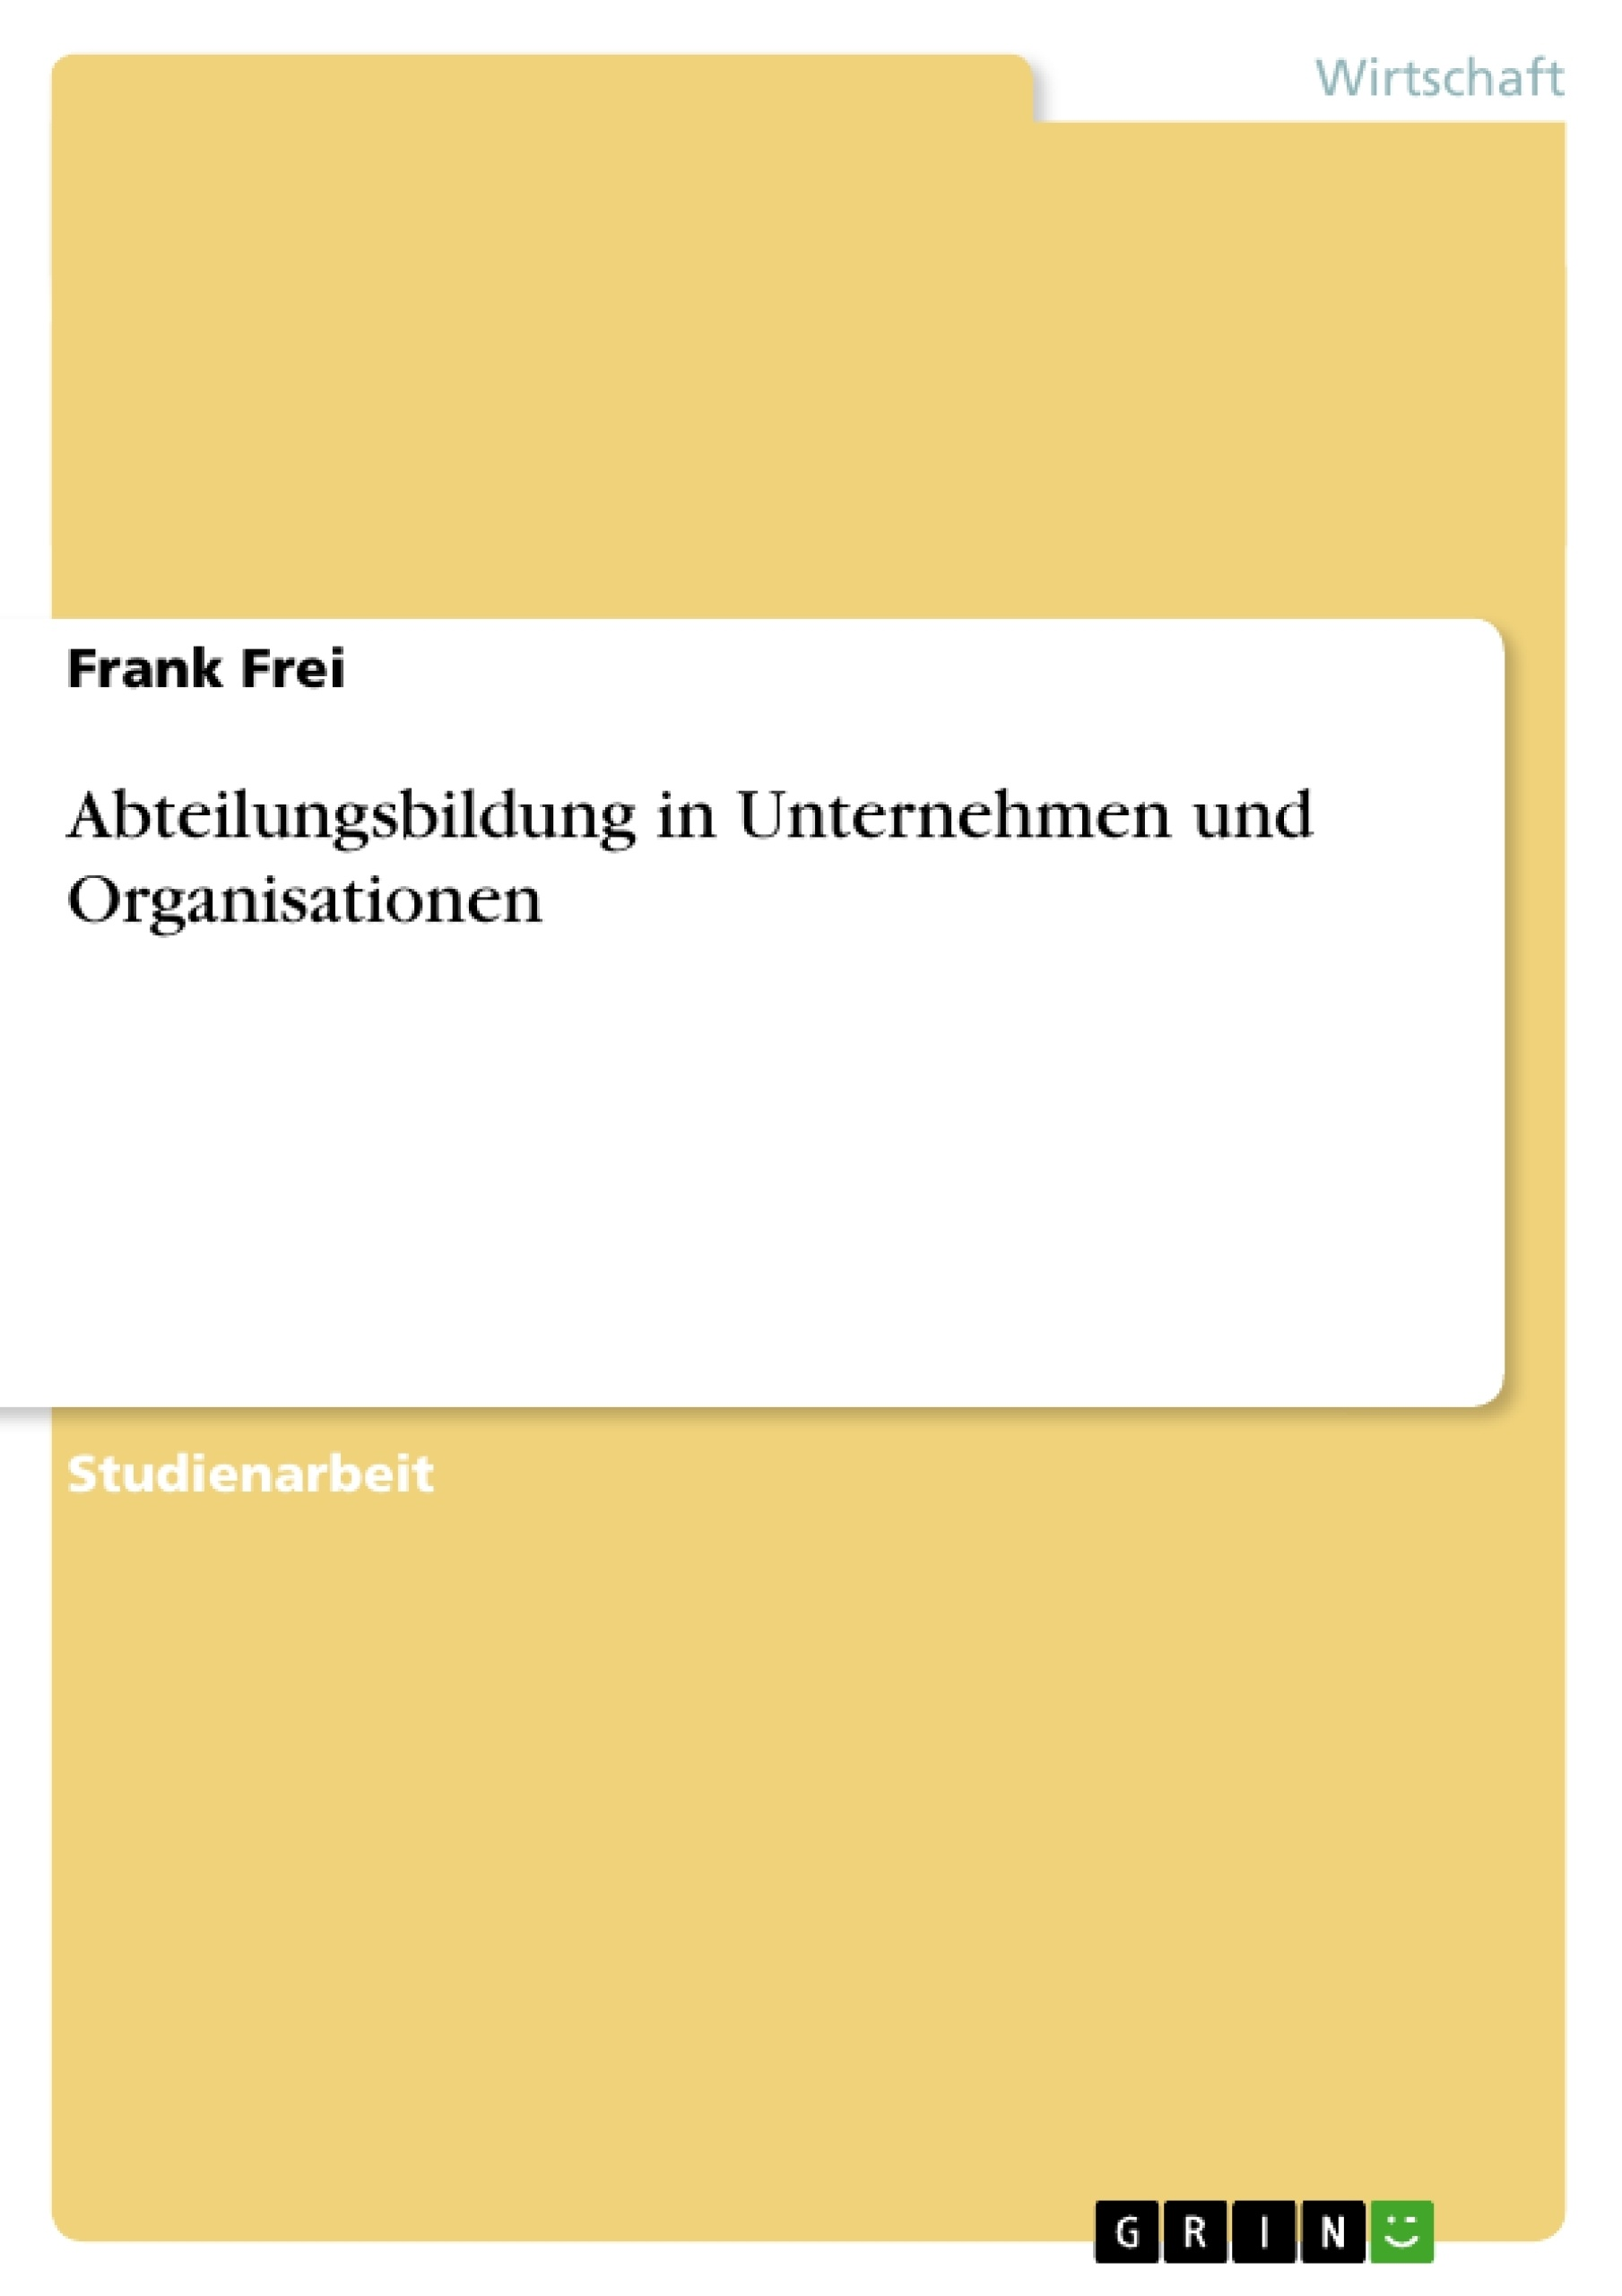 Titel: Abteilungsbildung in Unternehmen und Organisationen